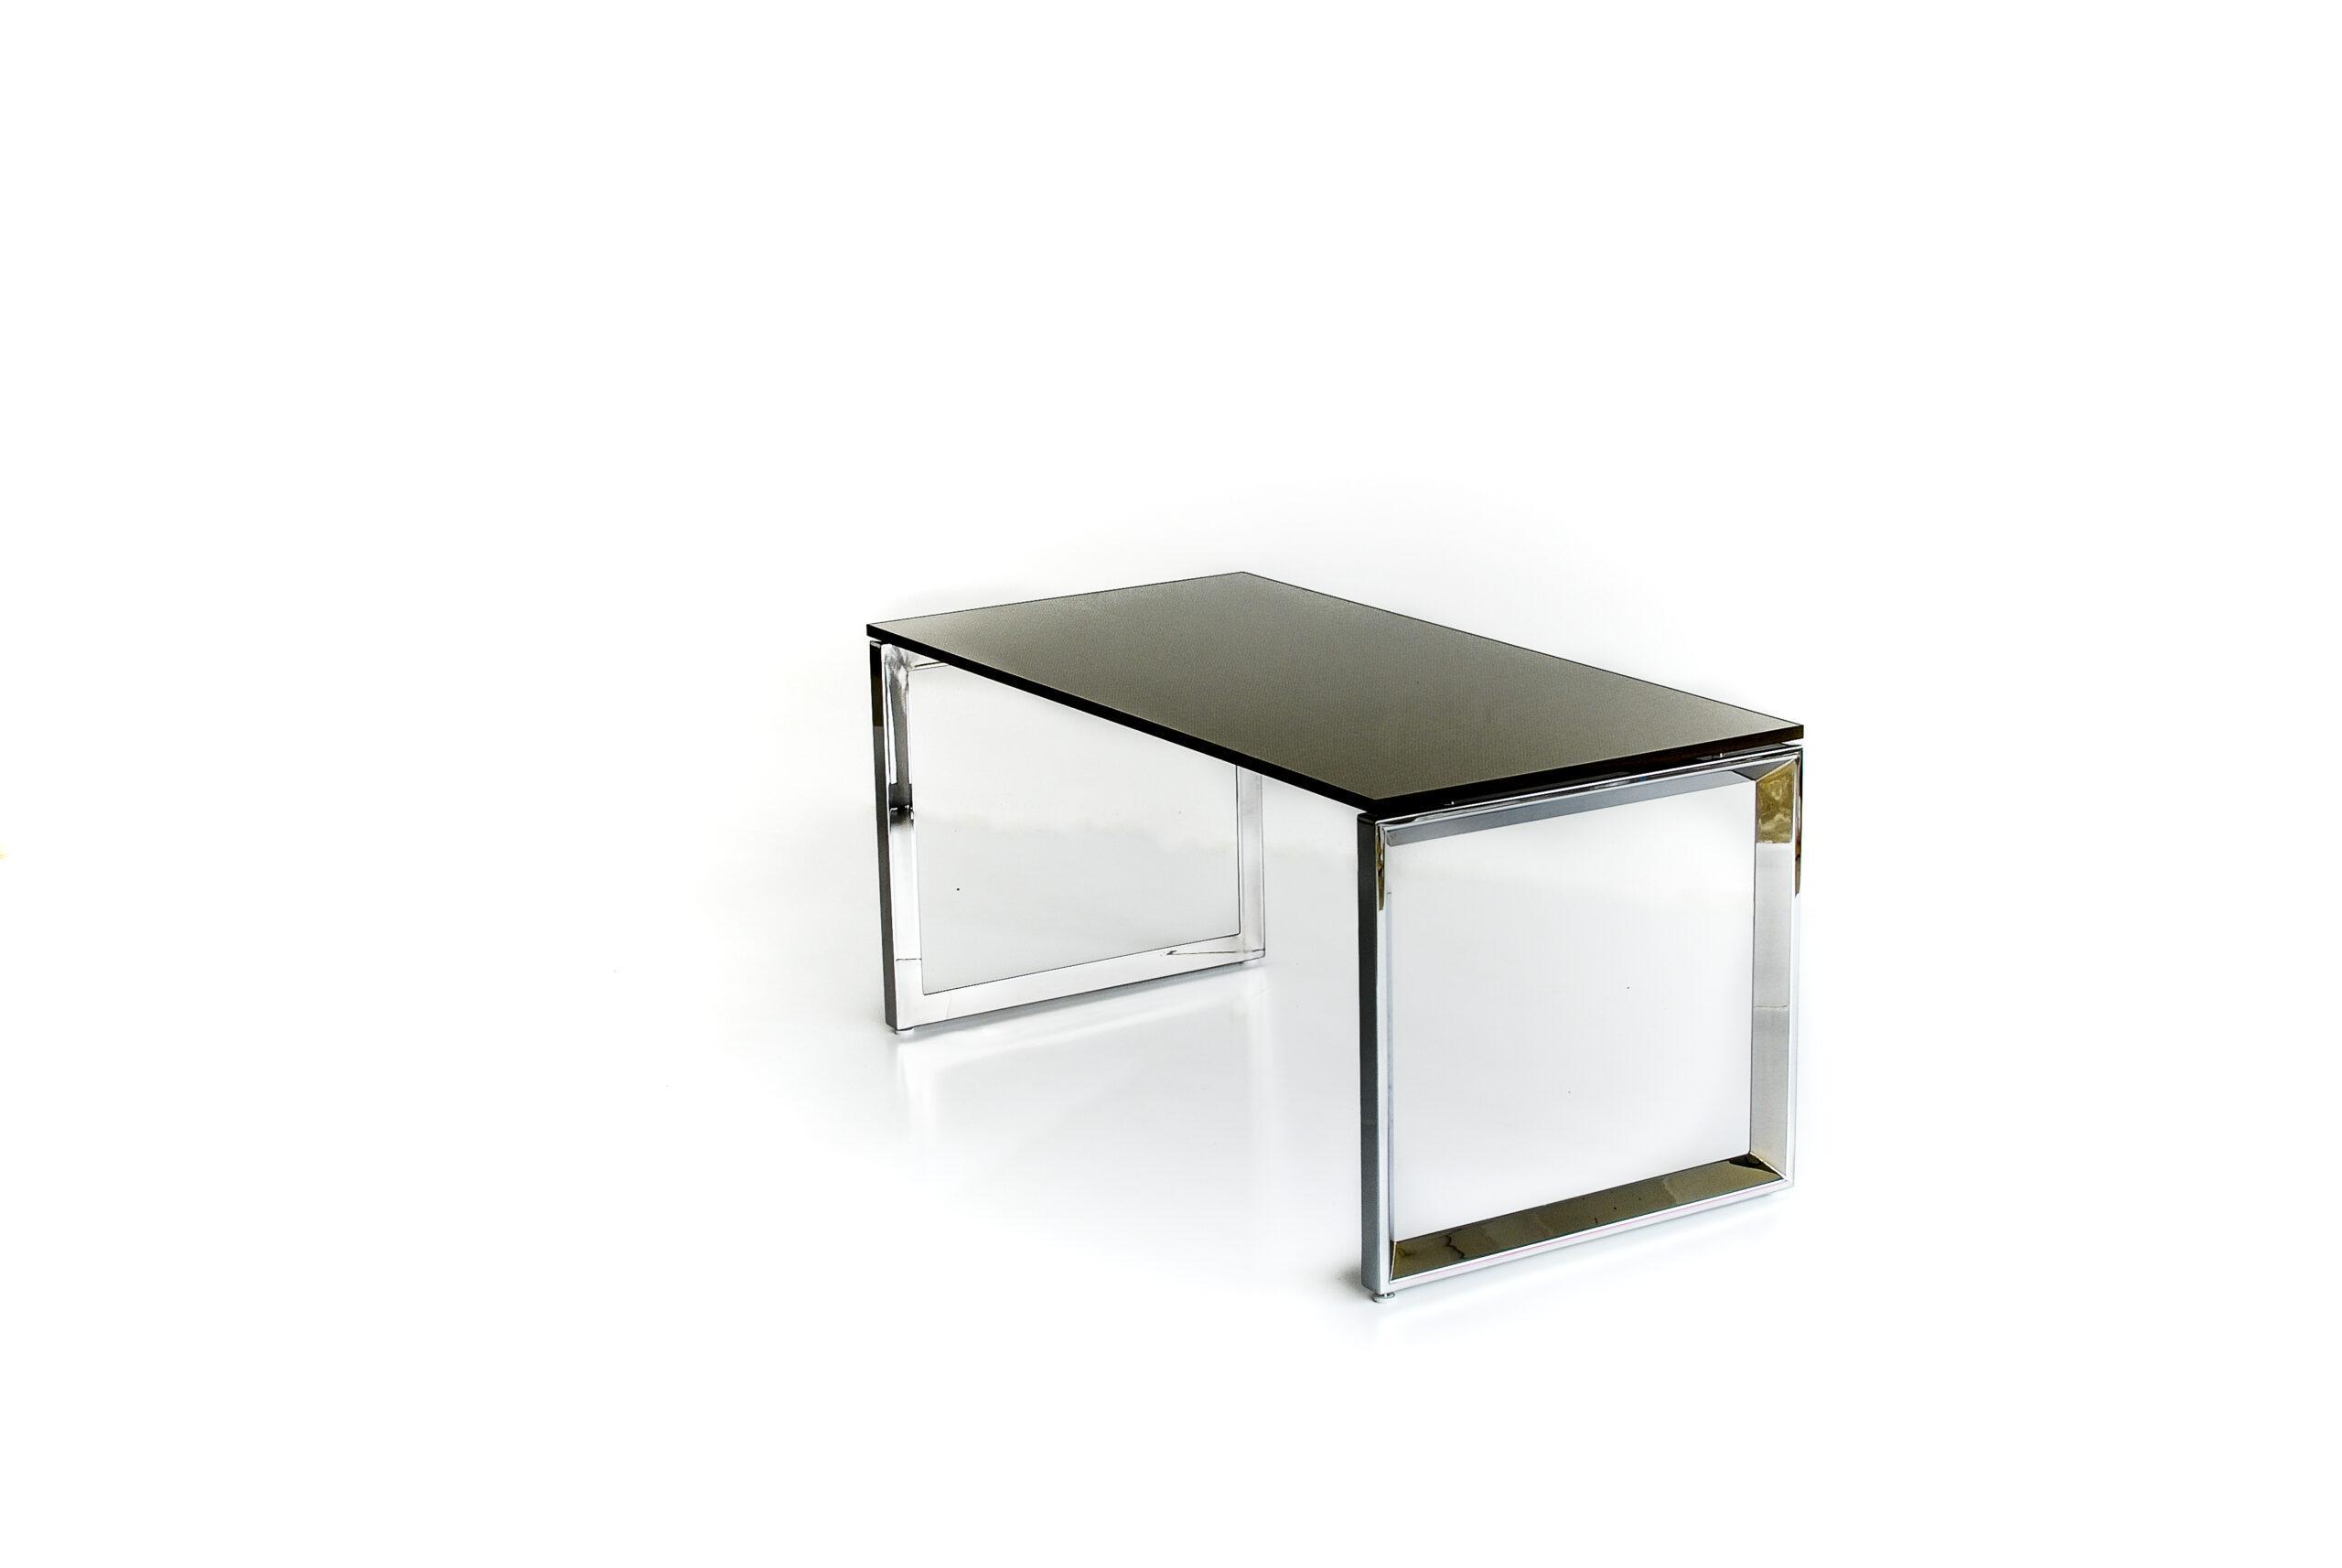 מחיצה מעוצבת לשולחן משרד